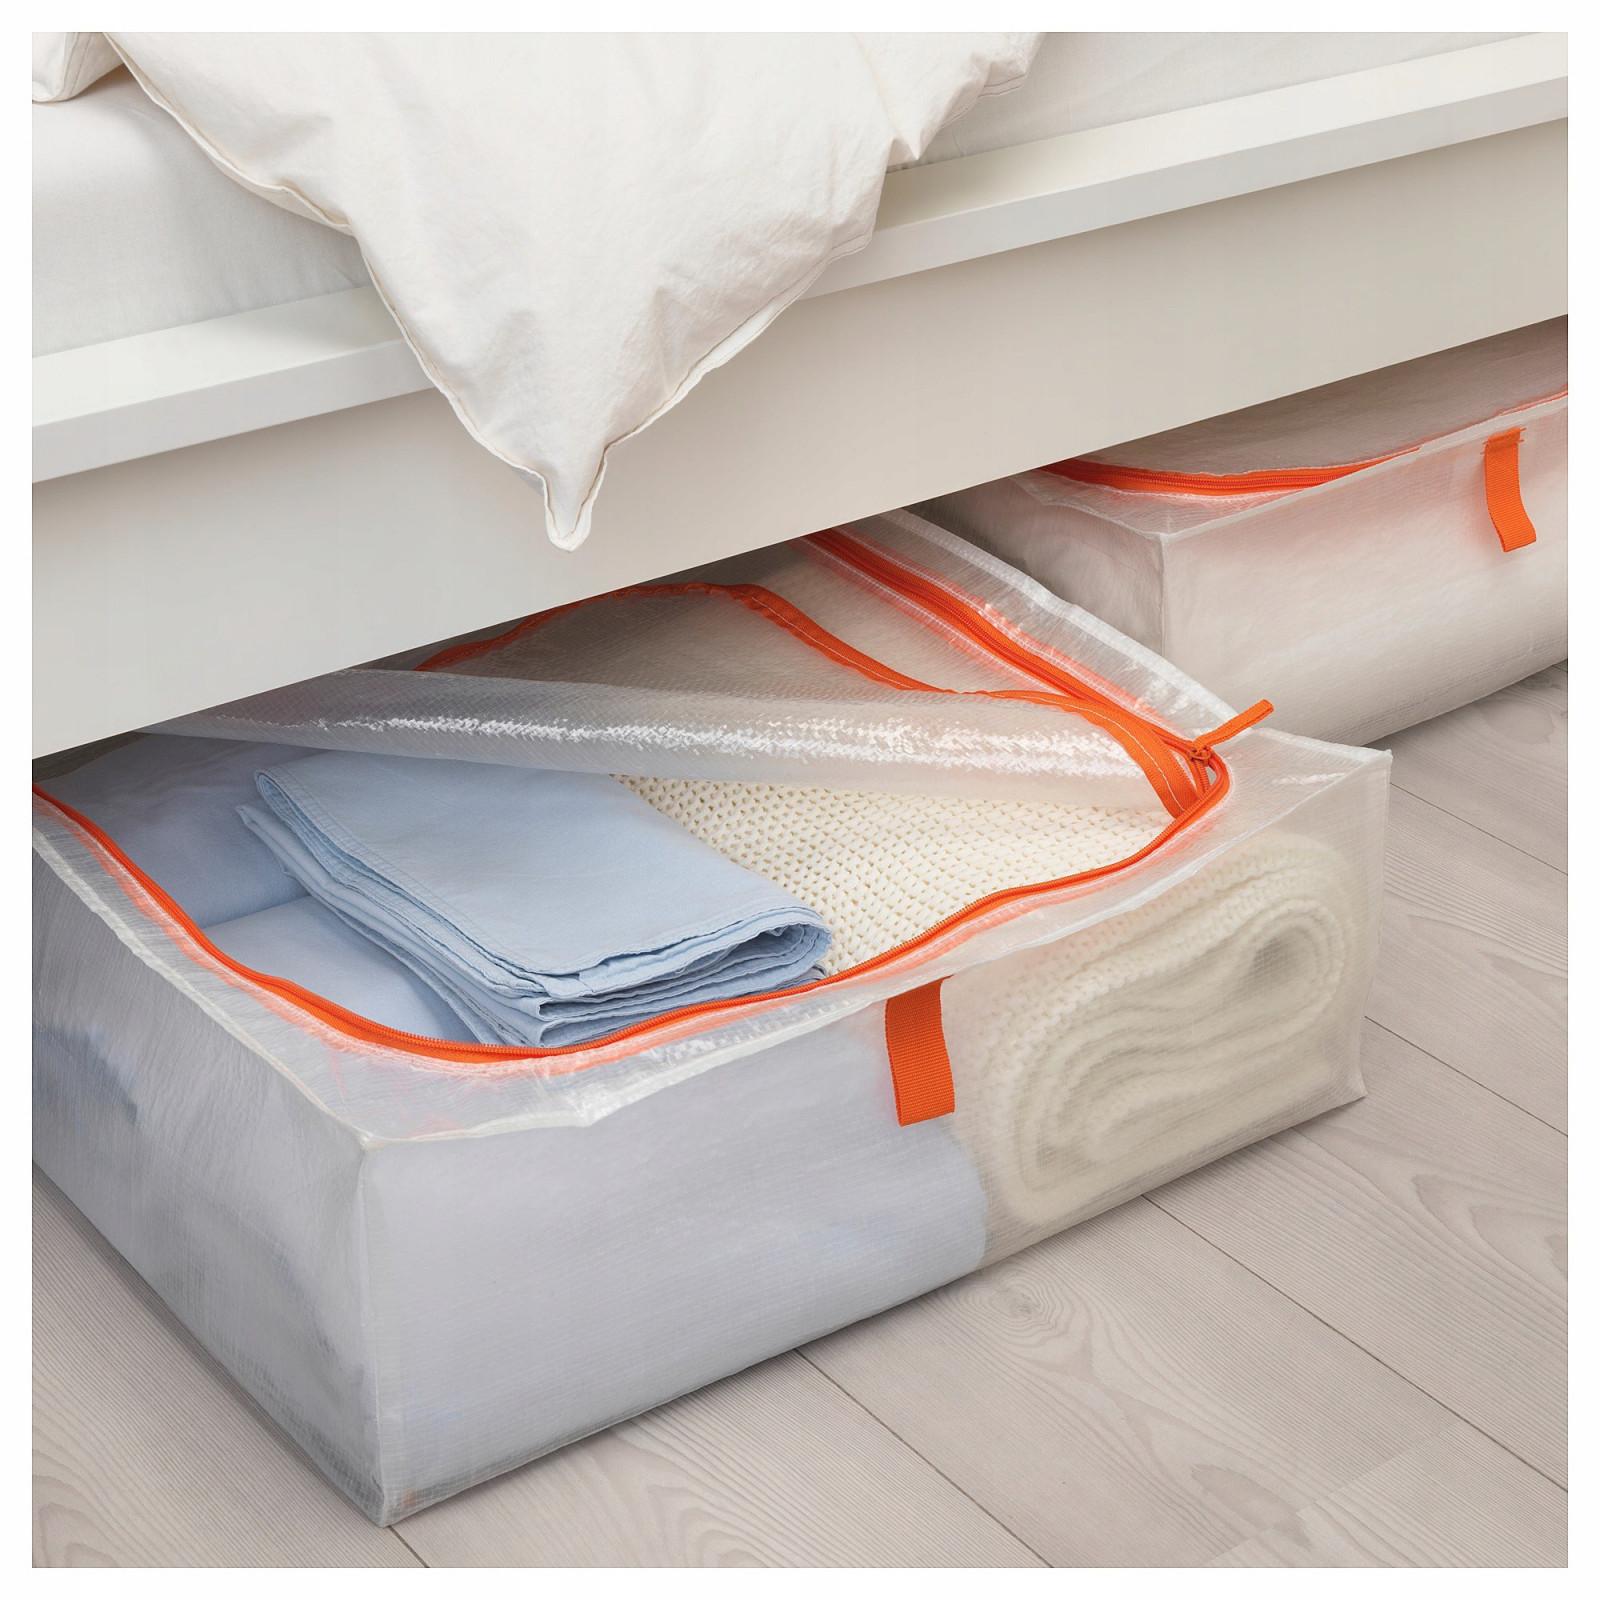 ochranná taška na posteľnú bielizeň oblečenie 55x49x19cm megamix.sk